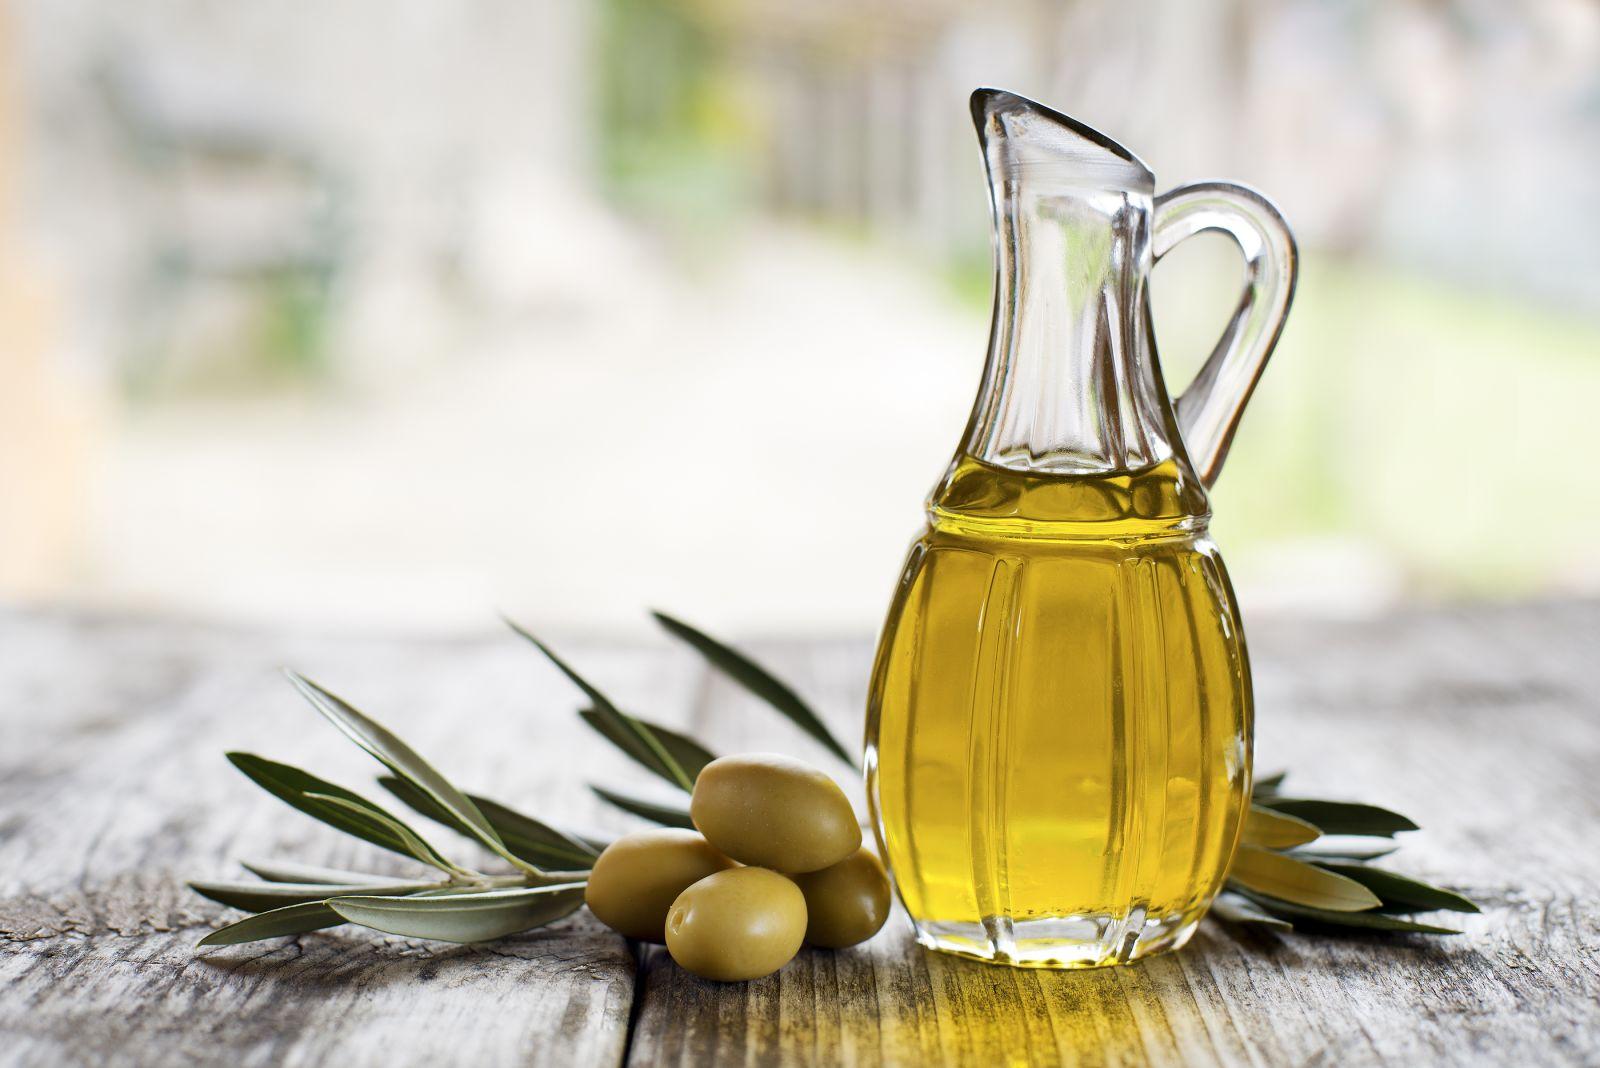 Оливковое масло дляздоровьяи красоты будущей мамы